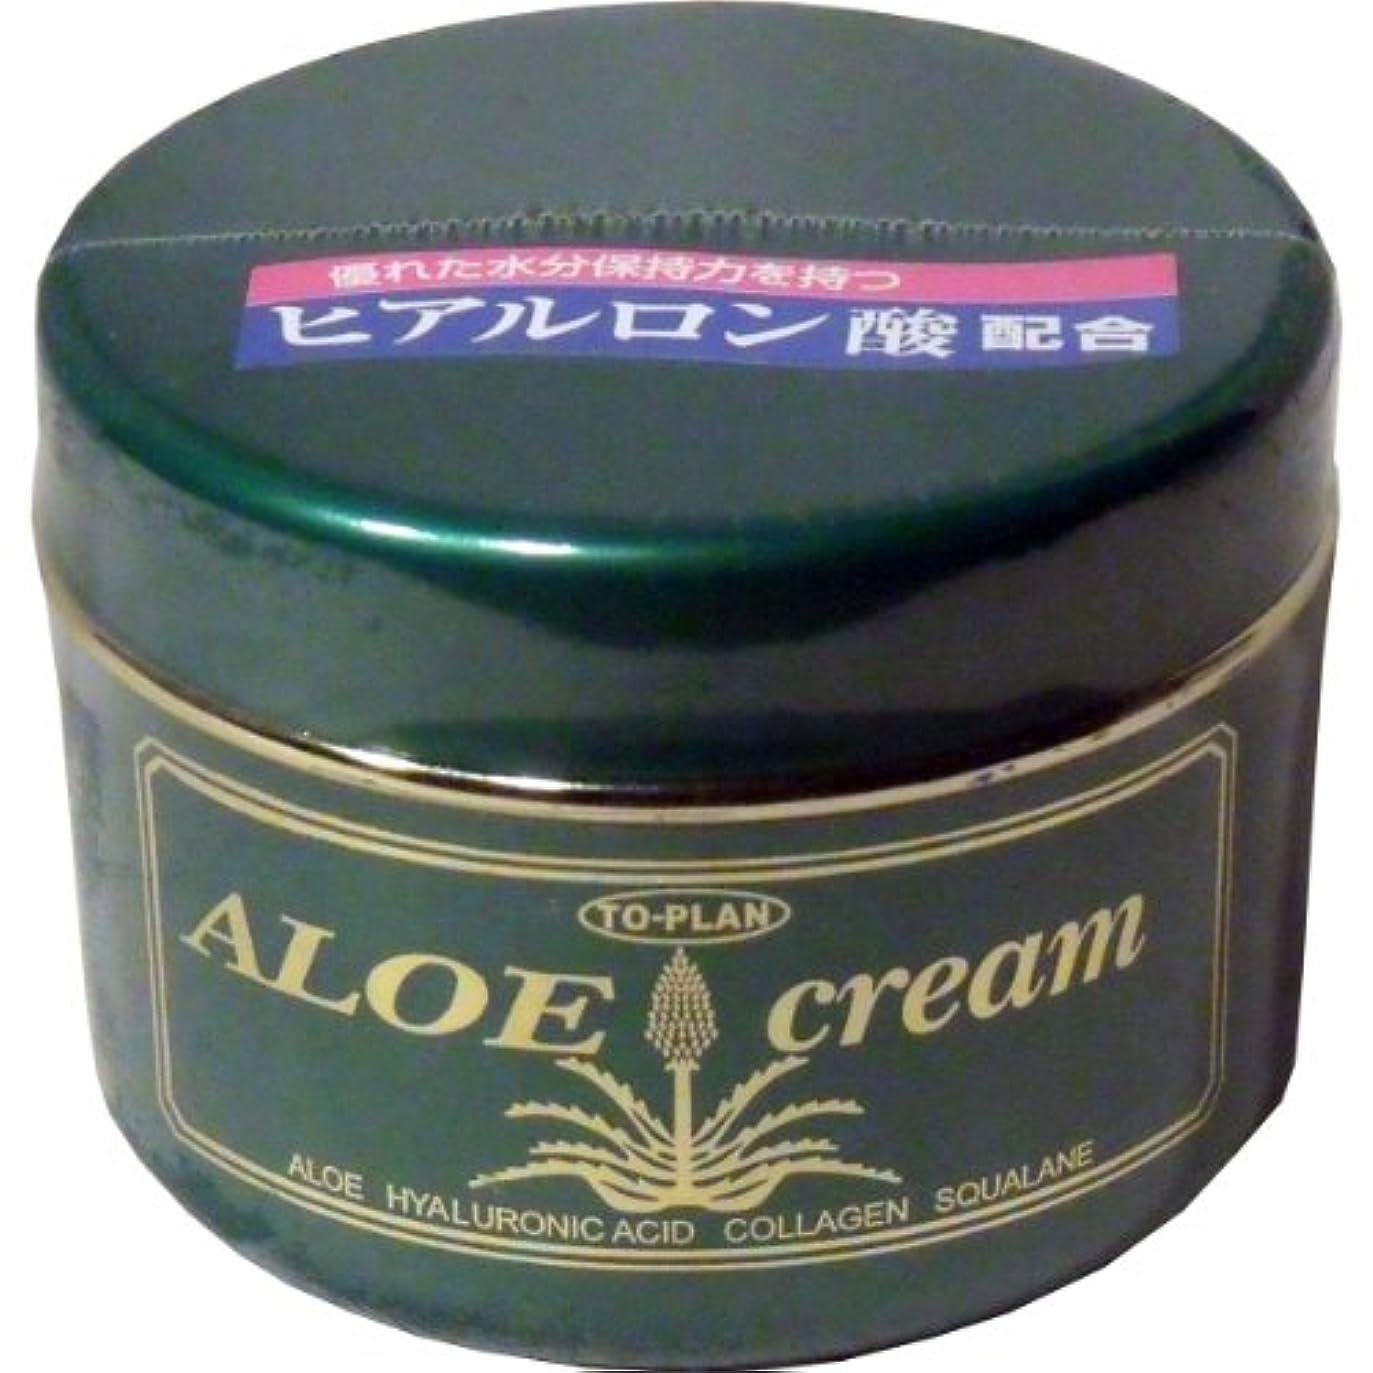 と乱すシートトプラン ハーブフレッシュクリーム(アロエクリーム) ヒアルロン酸 170g ×6個セット